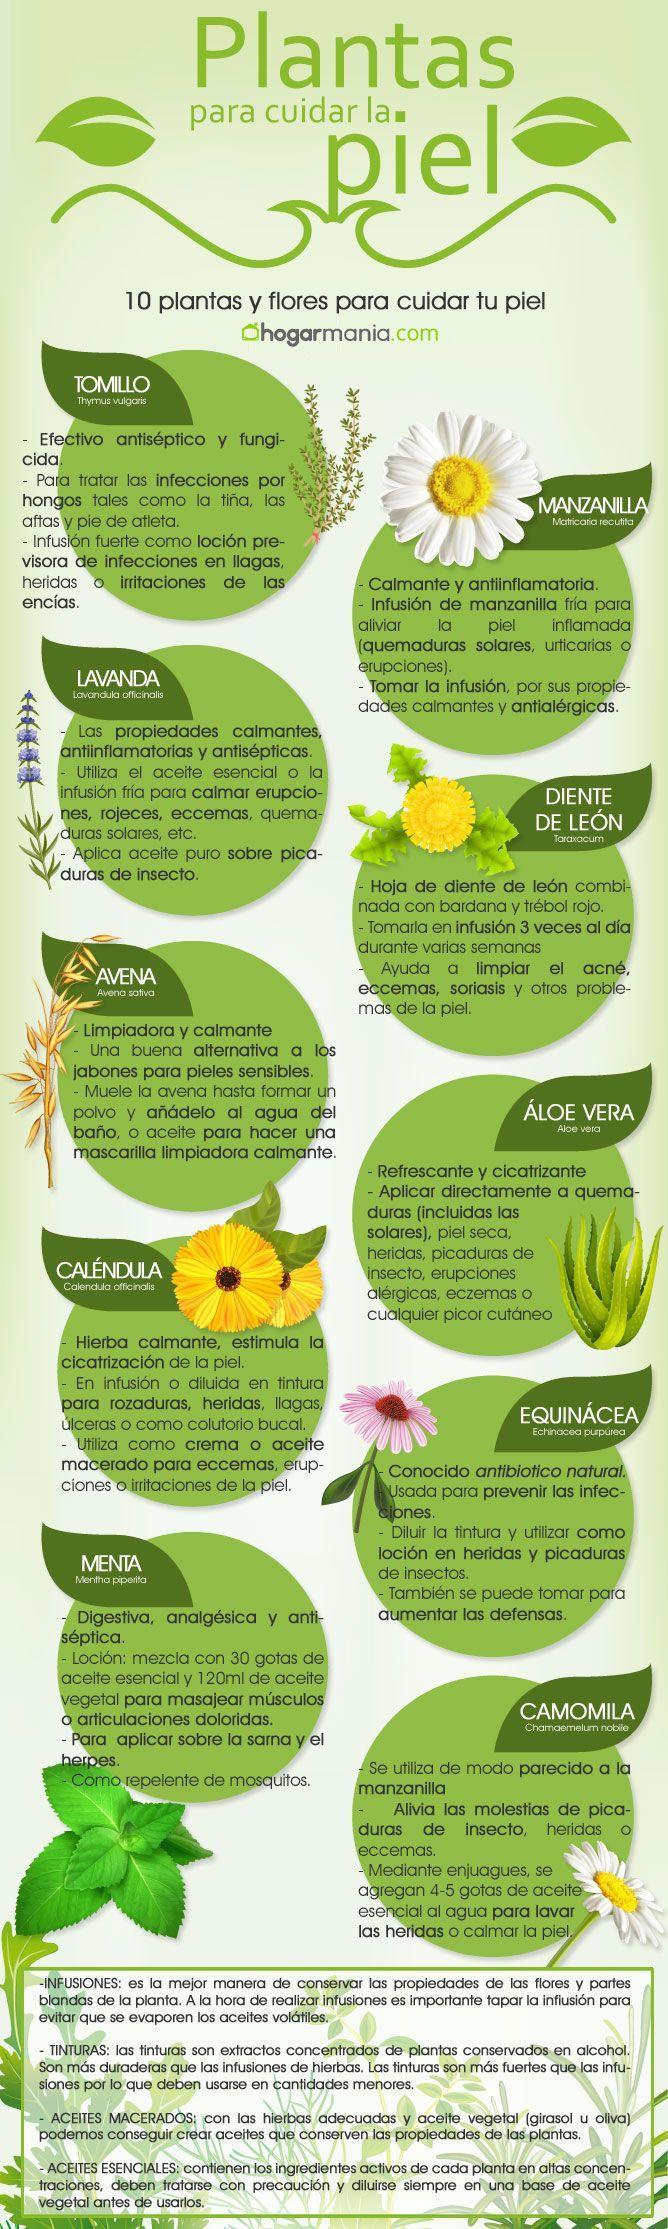 infografia plantas piel